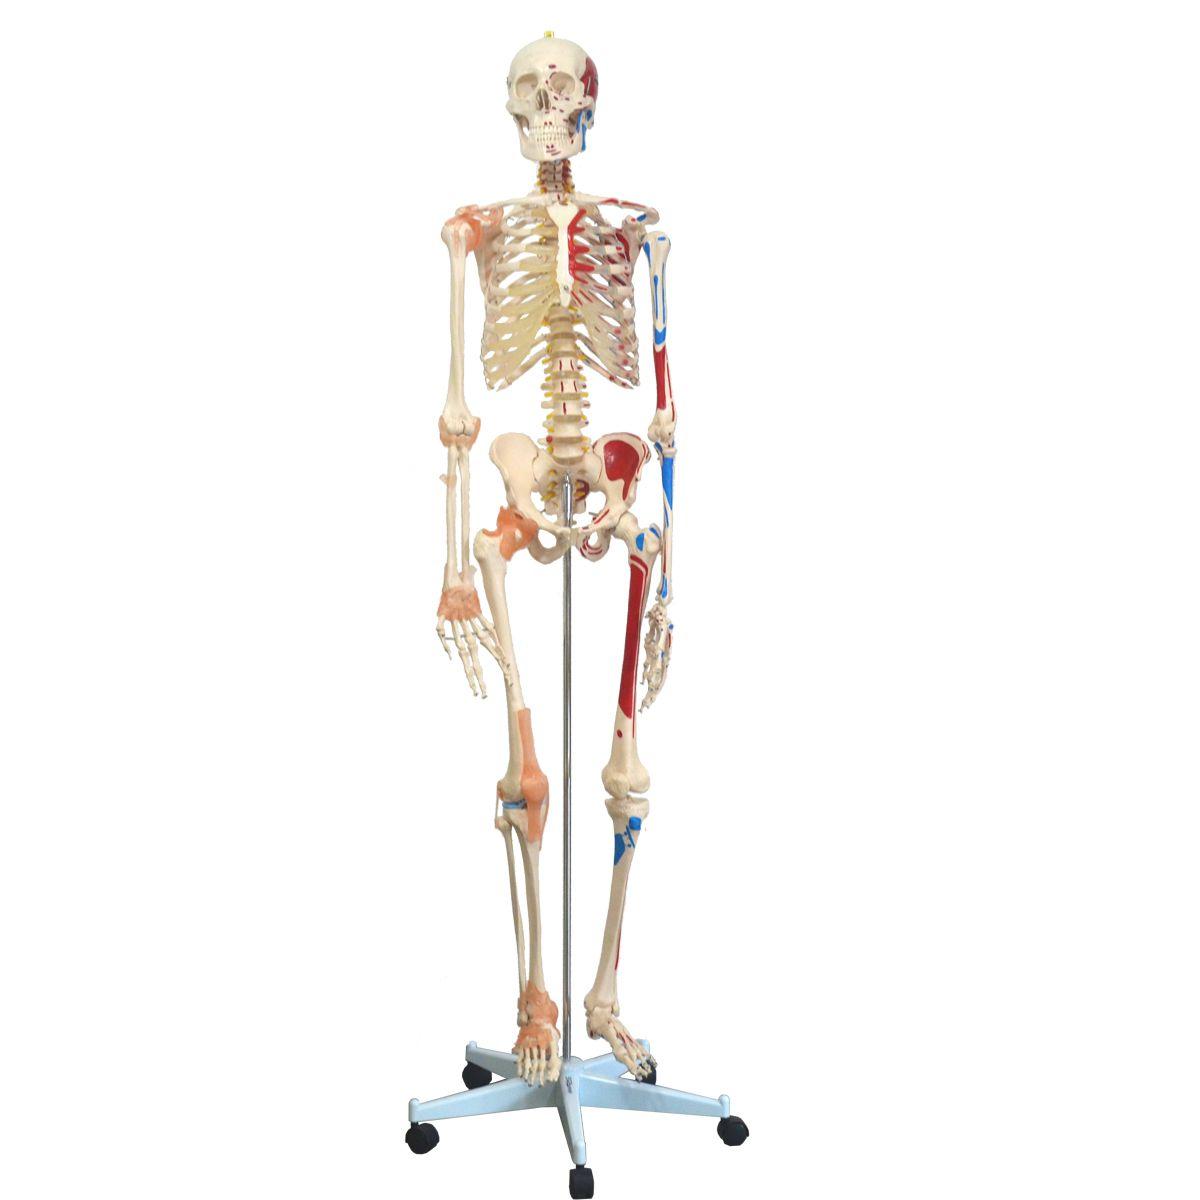 Esqueleto 168cm com ligamentos e inserrções musculares com suporte e base com rodízios